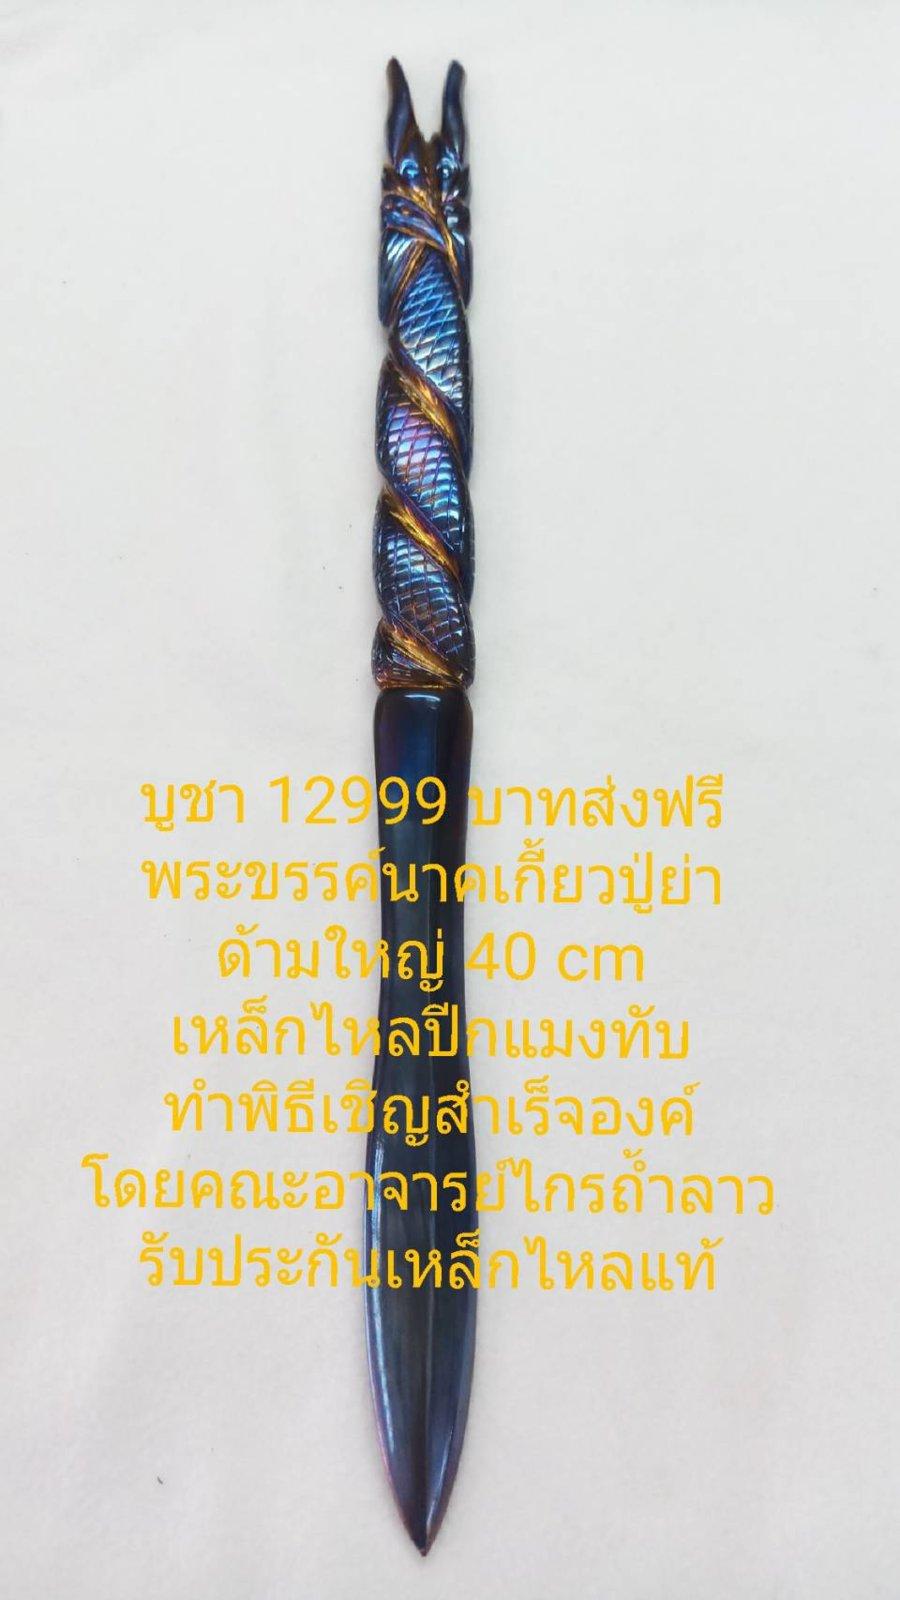 463509.jpg